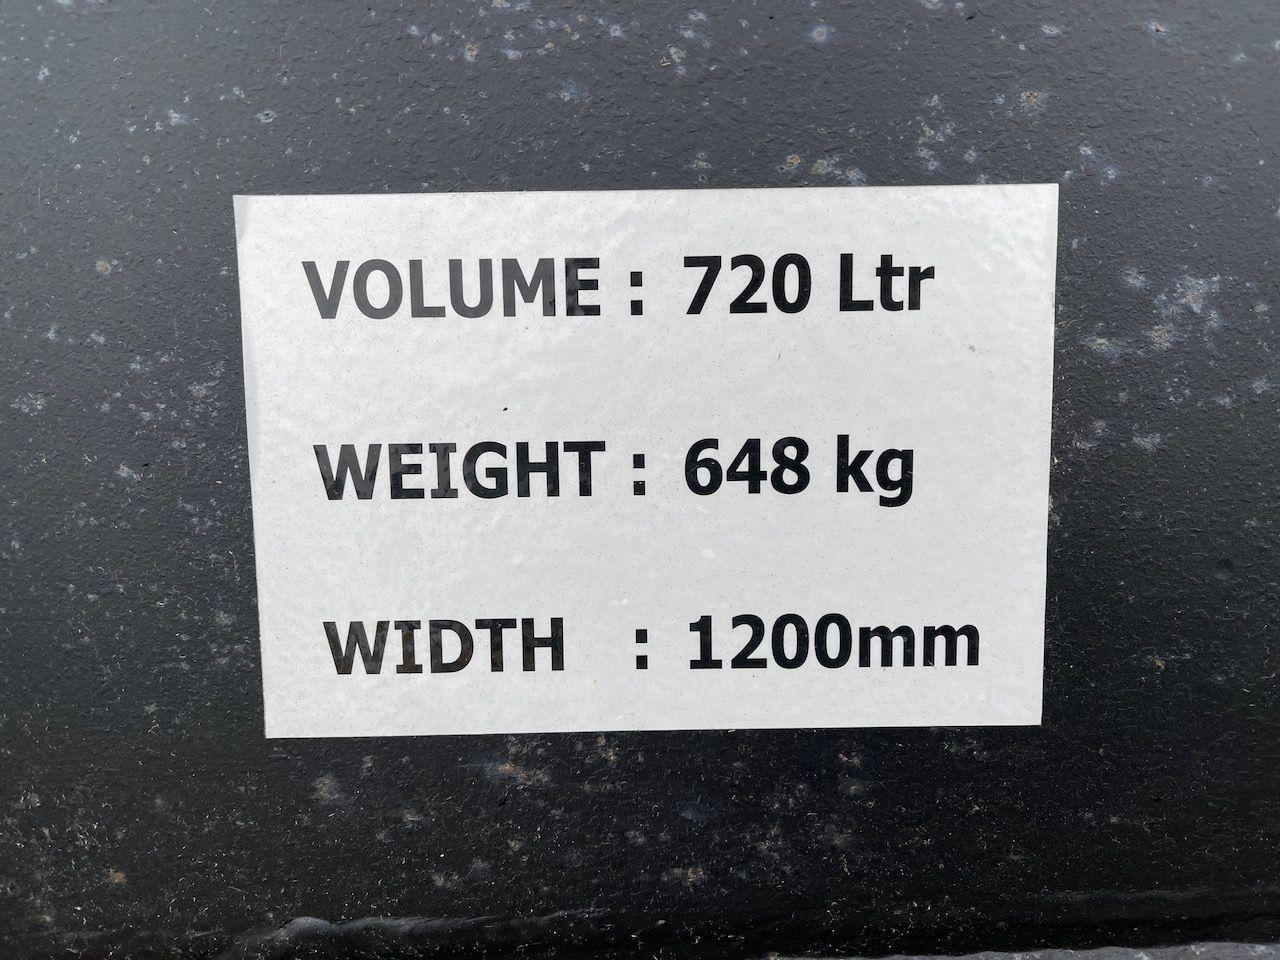 Dieplepel met tanden 1200mm 720 liter CW30/40